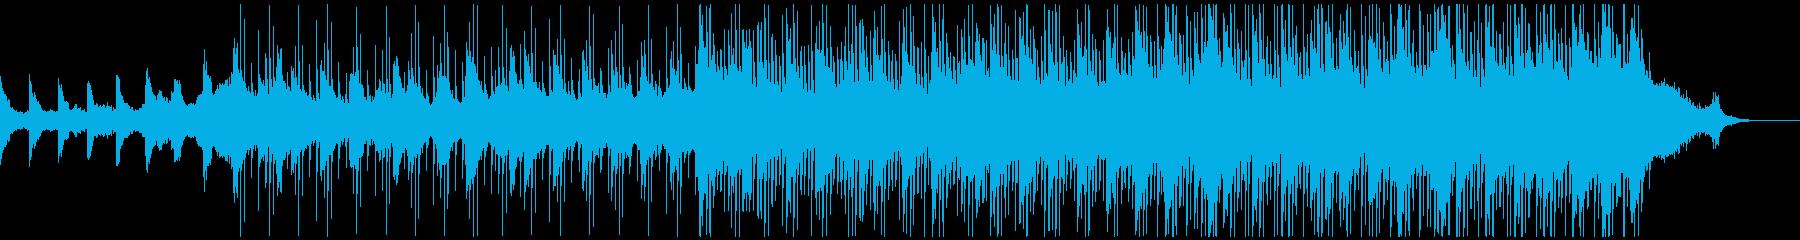 三味線が奏でる和風コーポレート、落ち着きの再生済みの波形